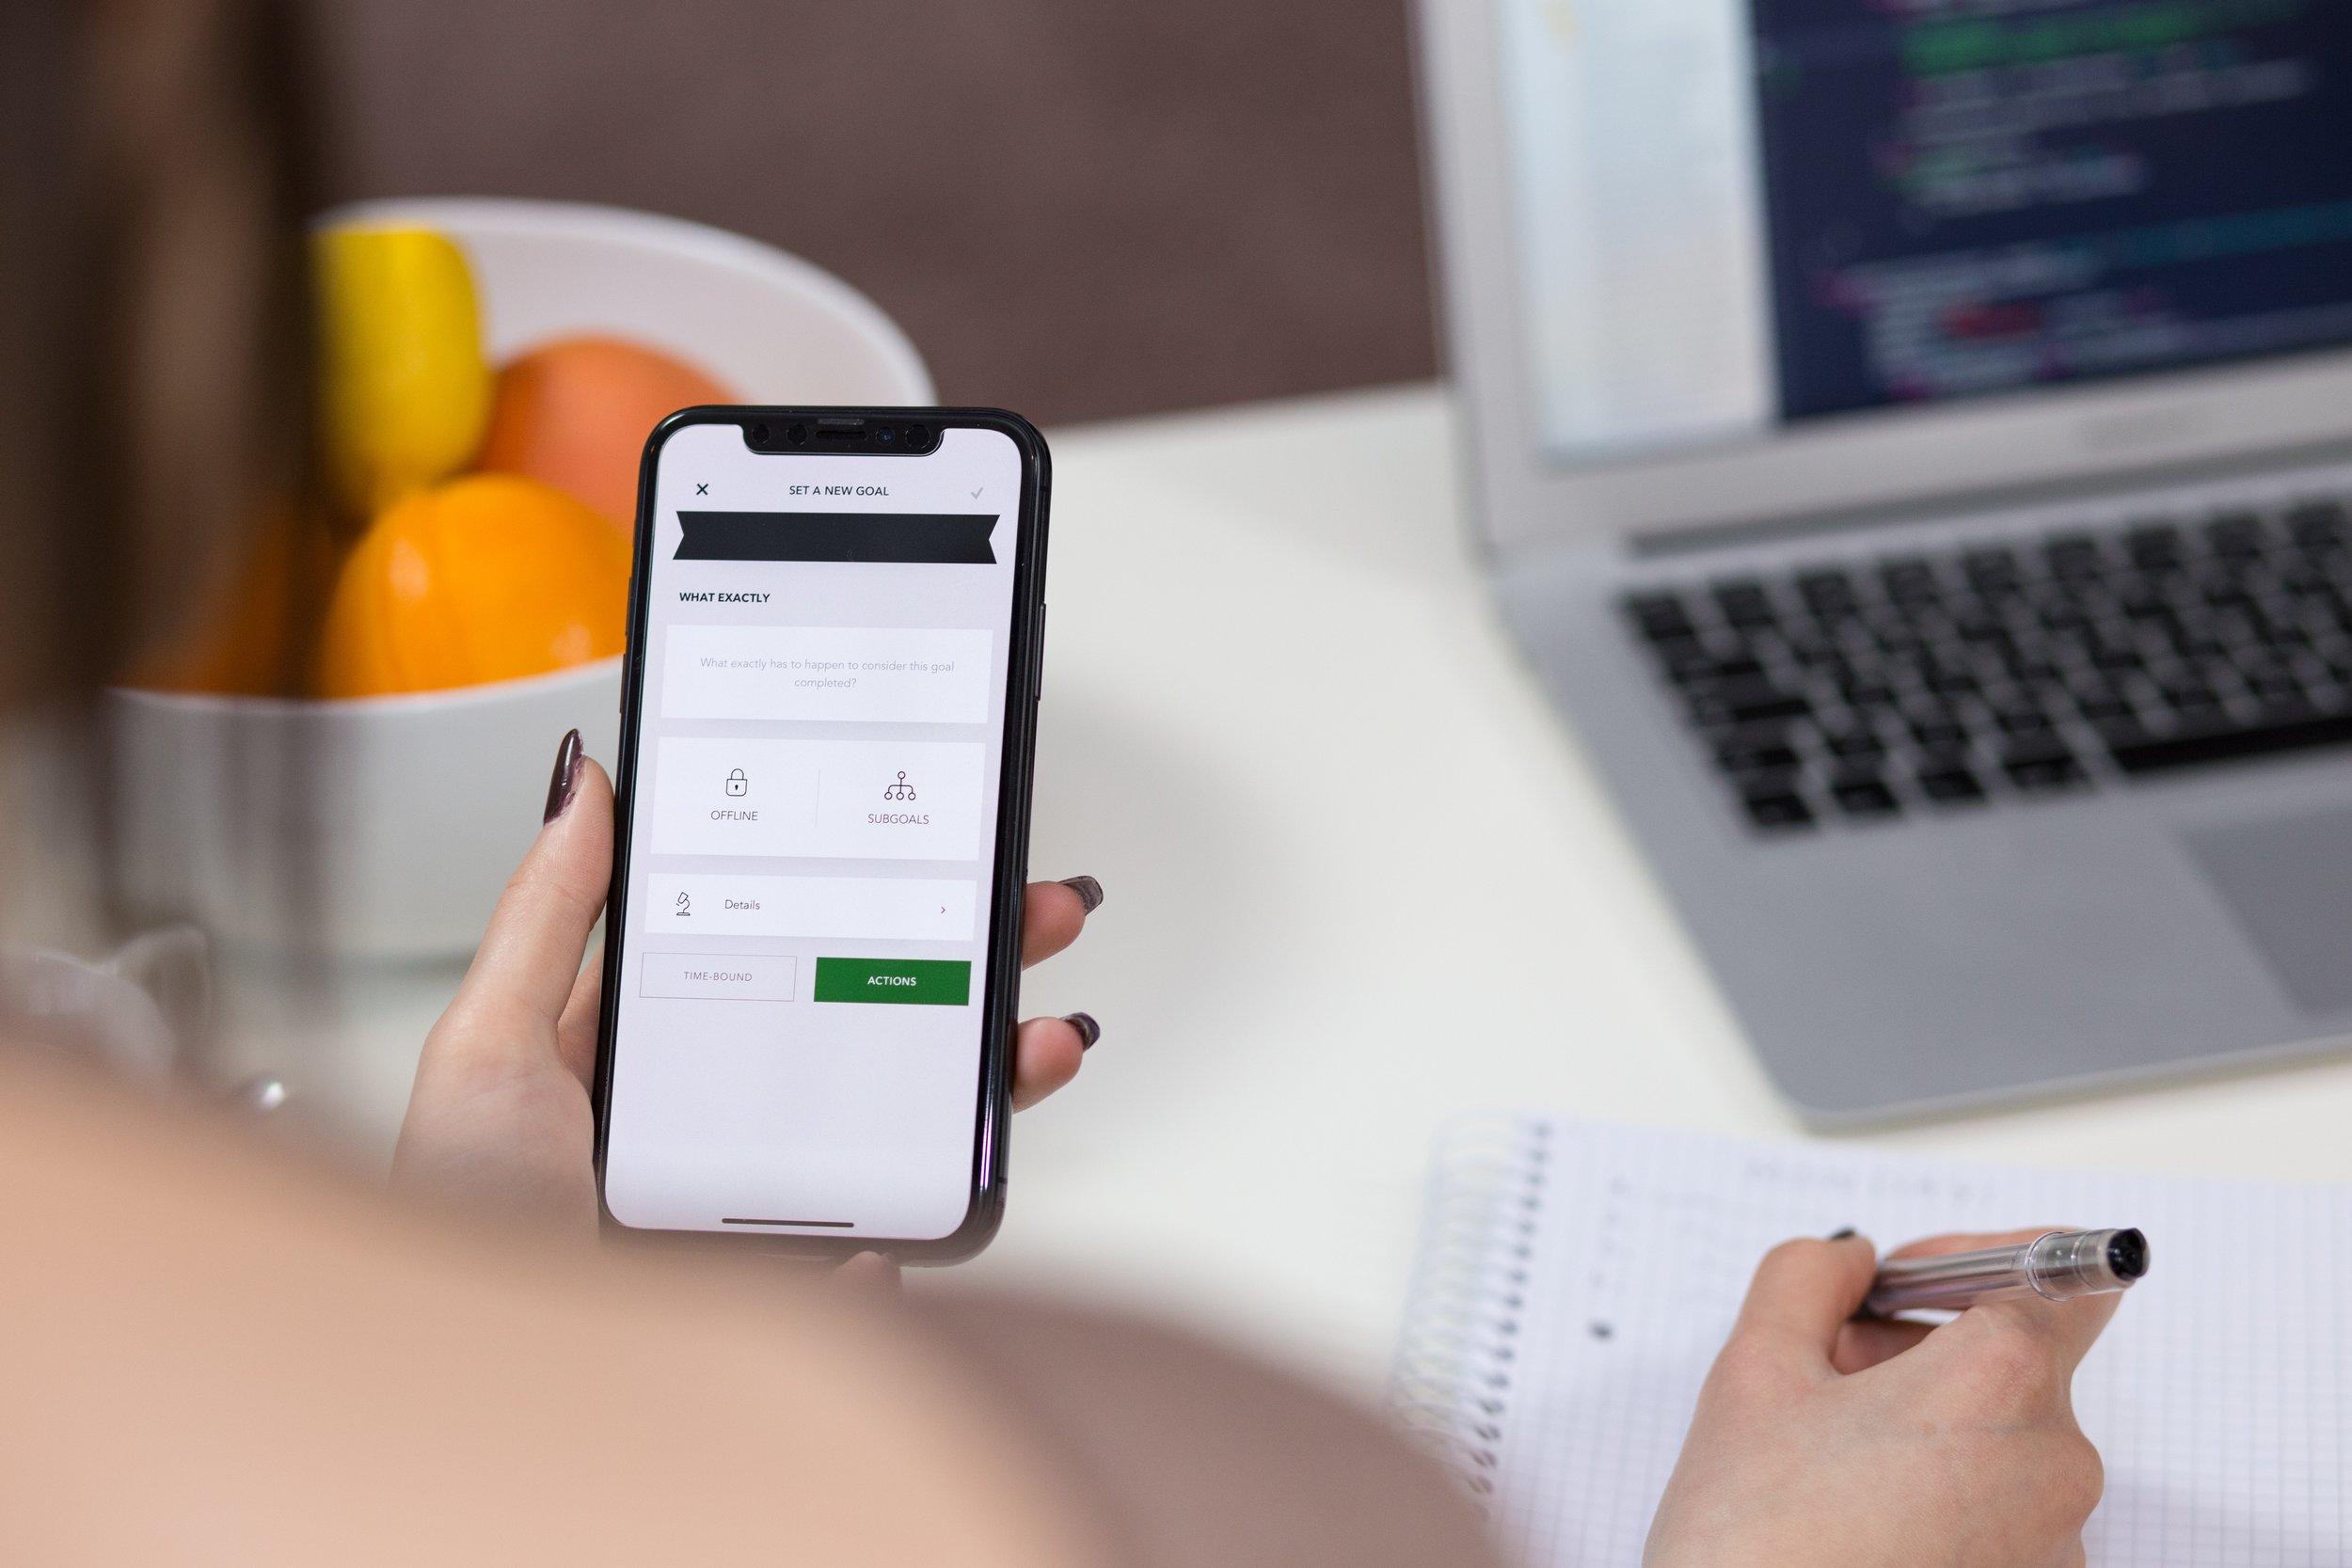 Allt samlat! - I våra appar kan du koppla samtal, chatta med kollegor, öppna och stänga växeln och se vem som ringer. Funkar på alla plattformar! Enkelt och snyggt!